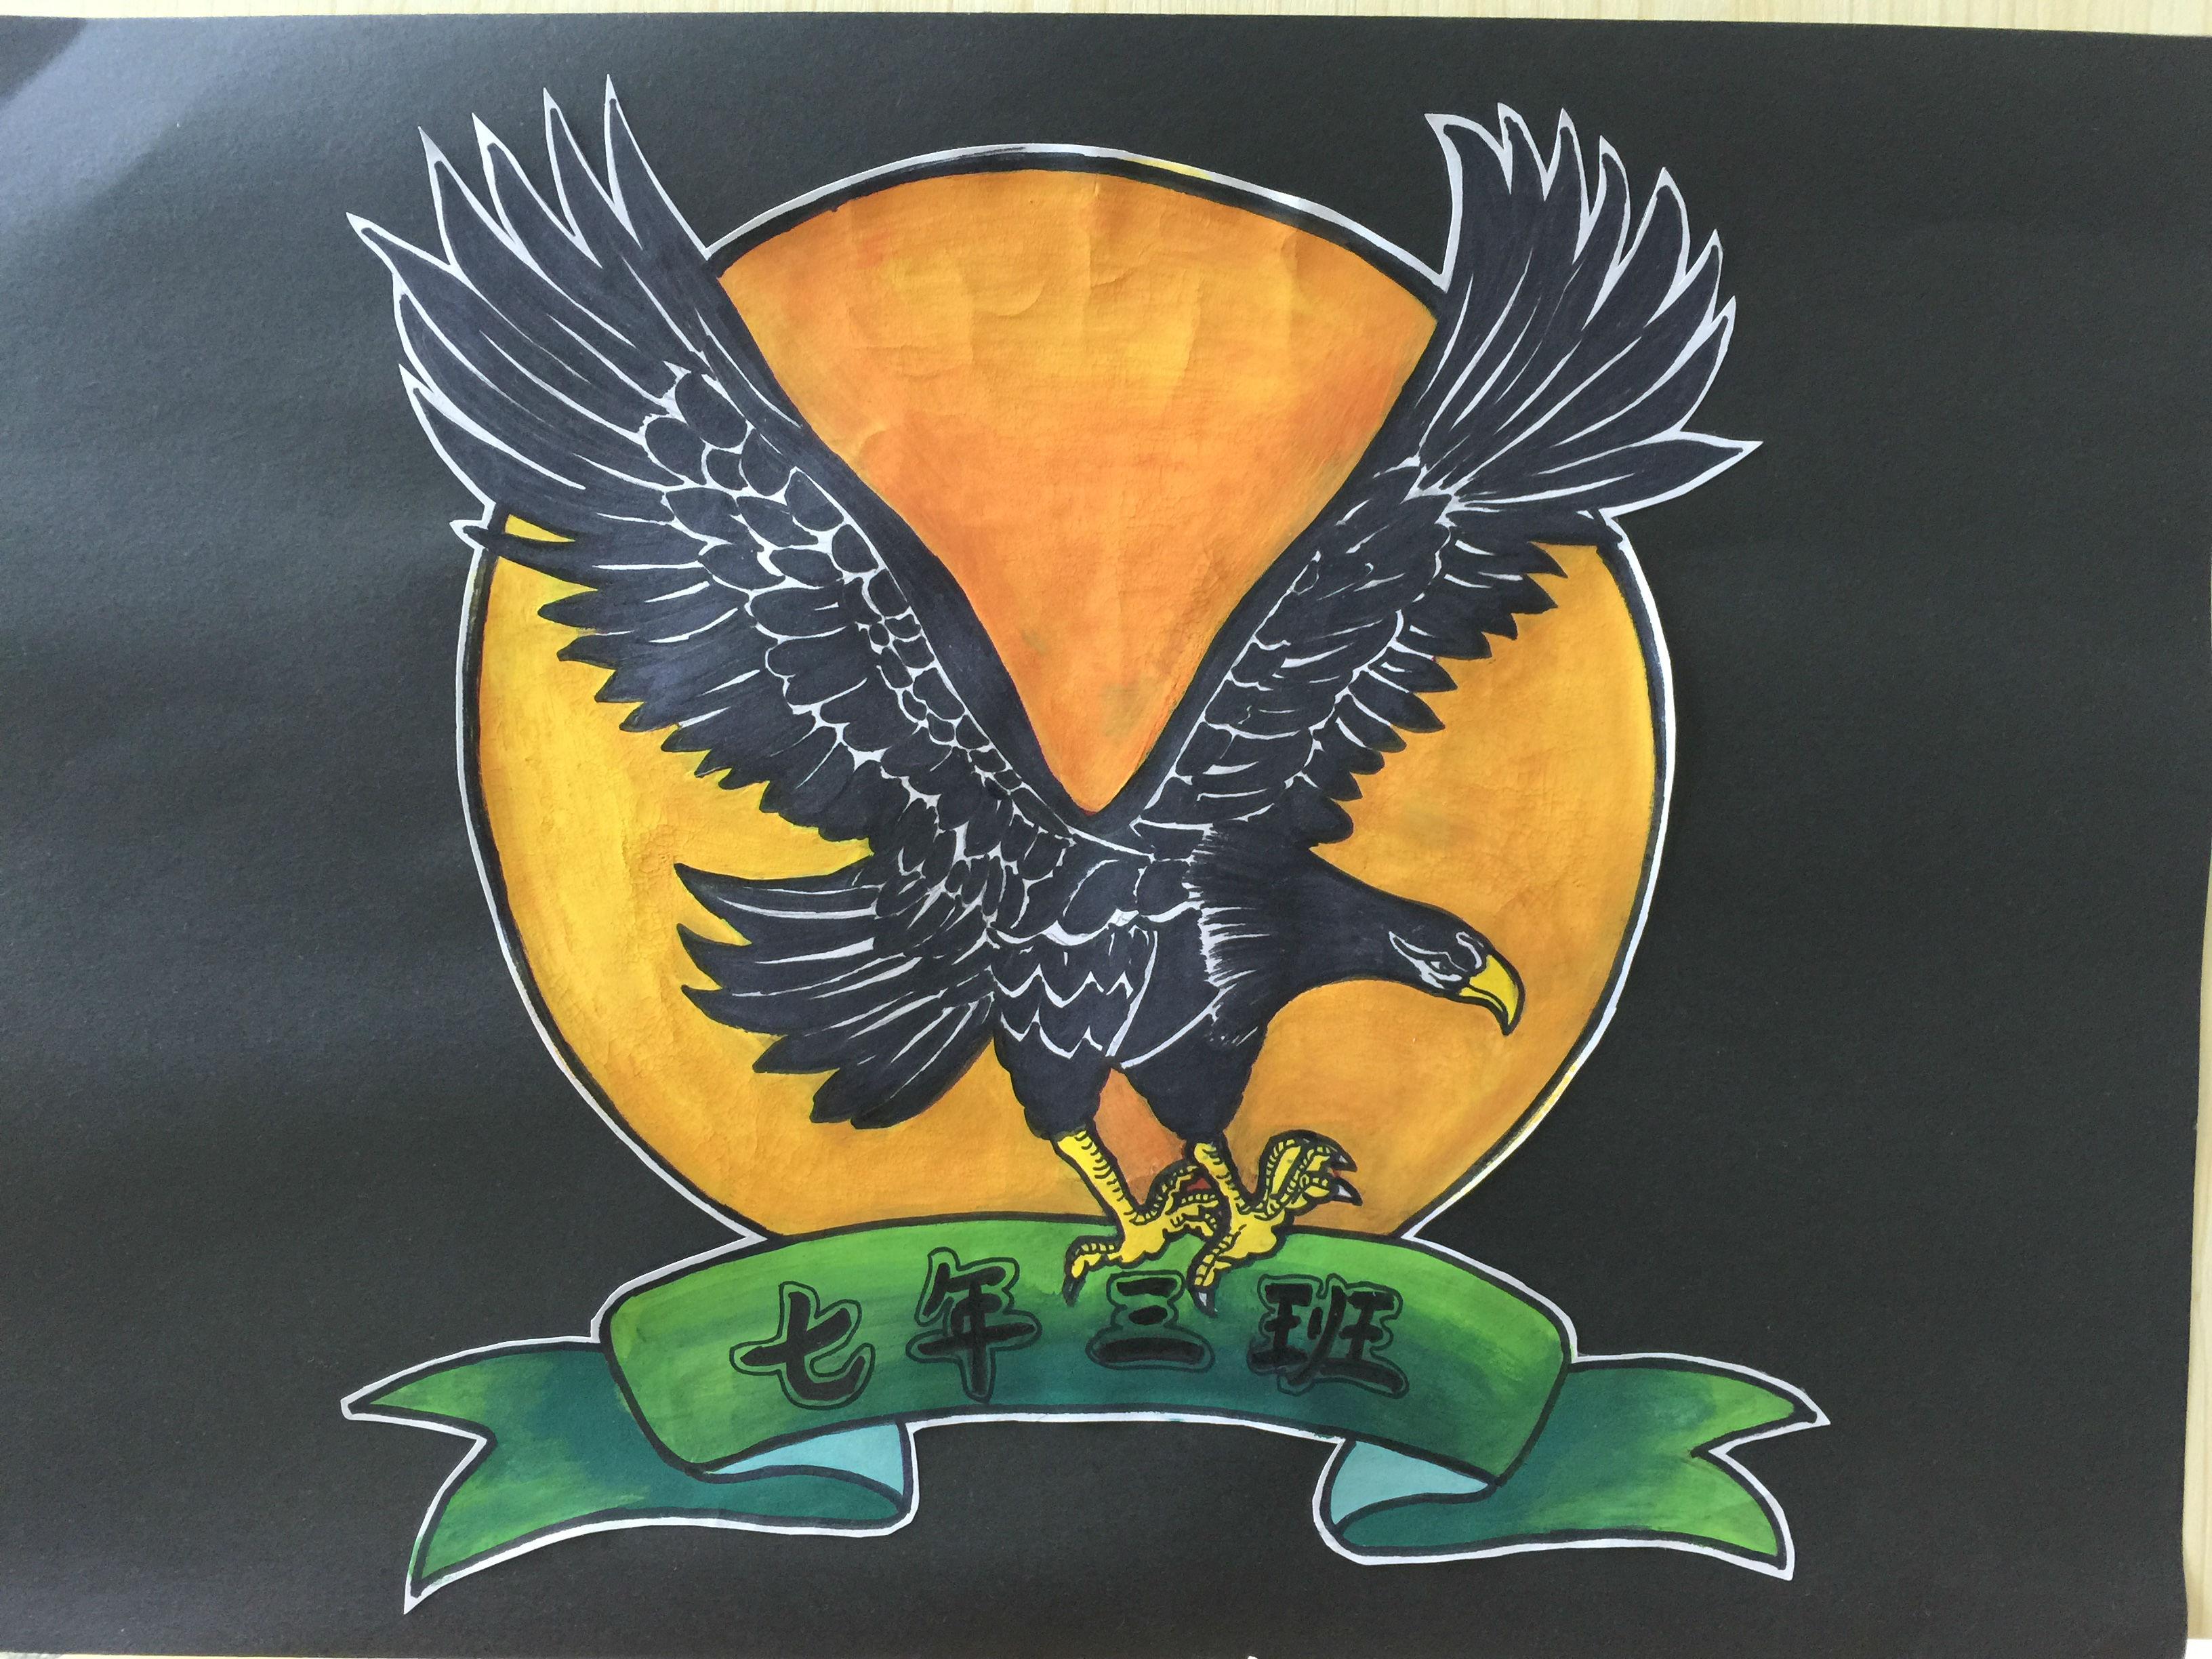 七年(3)班班徽设计理念